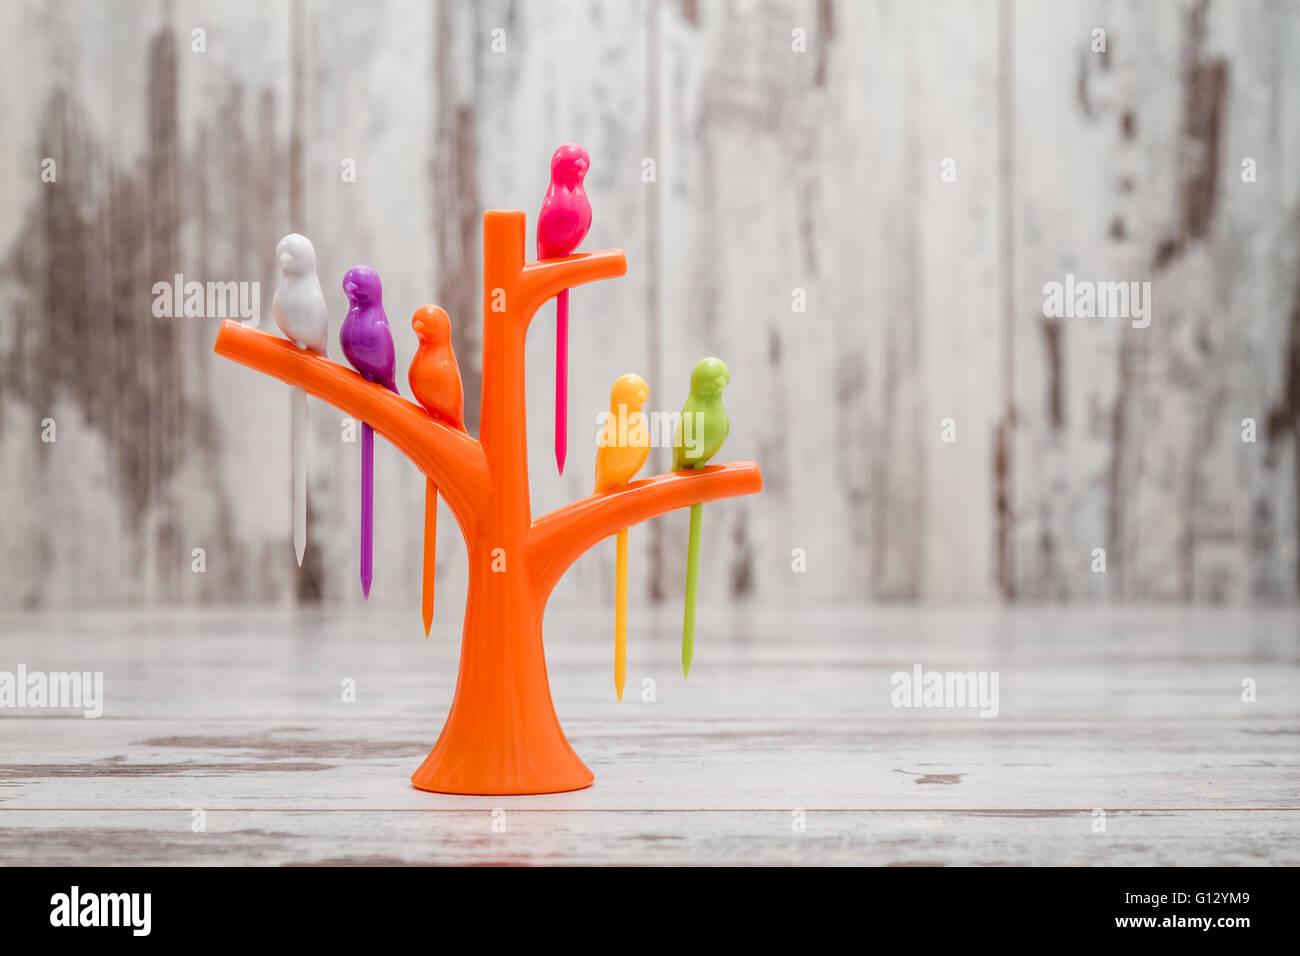 Cuisine créative de l'outil en plastique. Fruit ou dessert des cure-dents en forme d'oiseau sur un Photo Stock